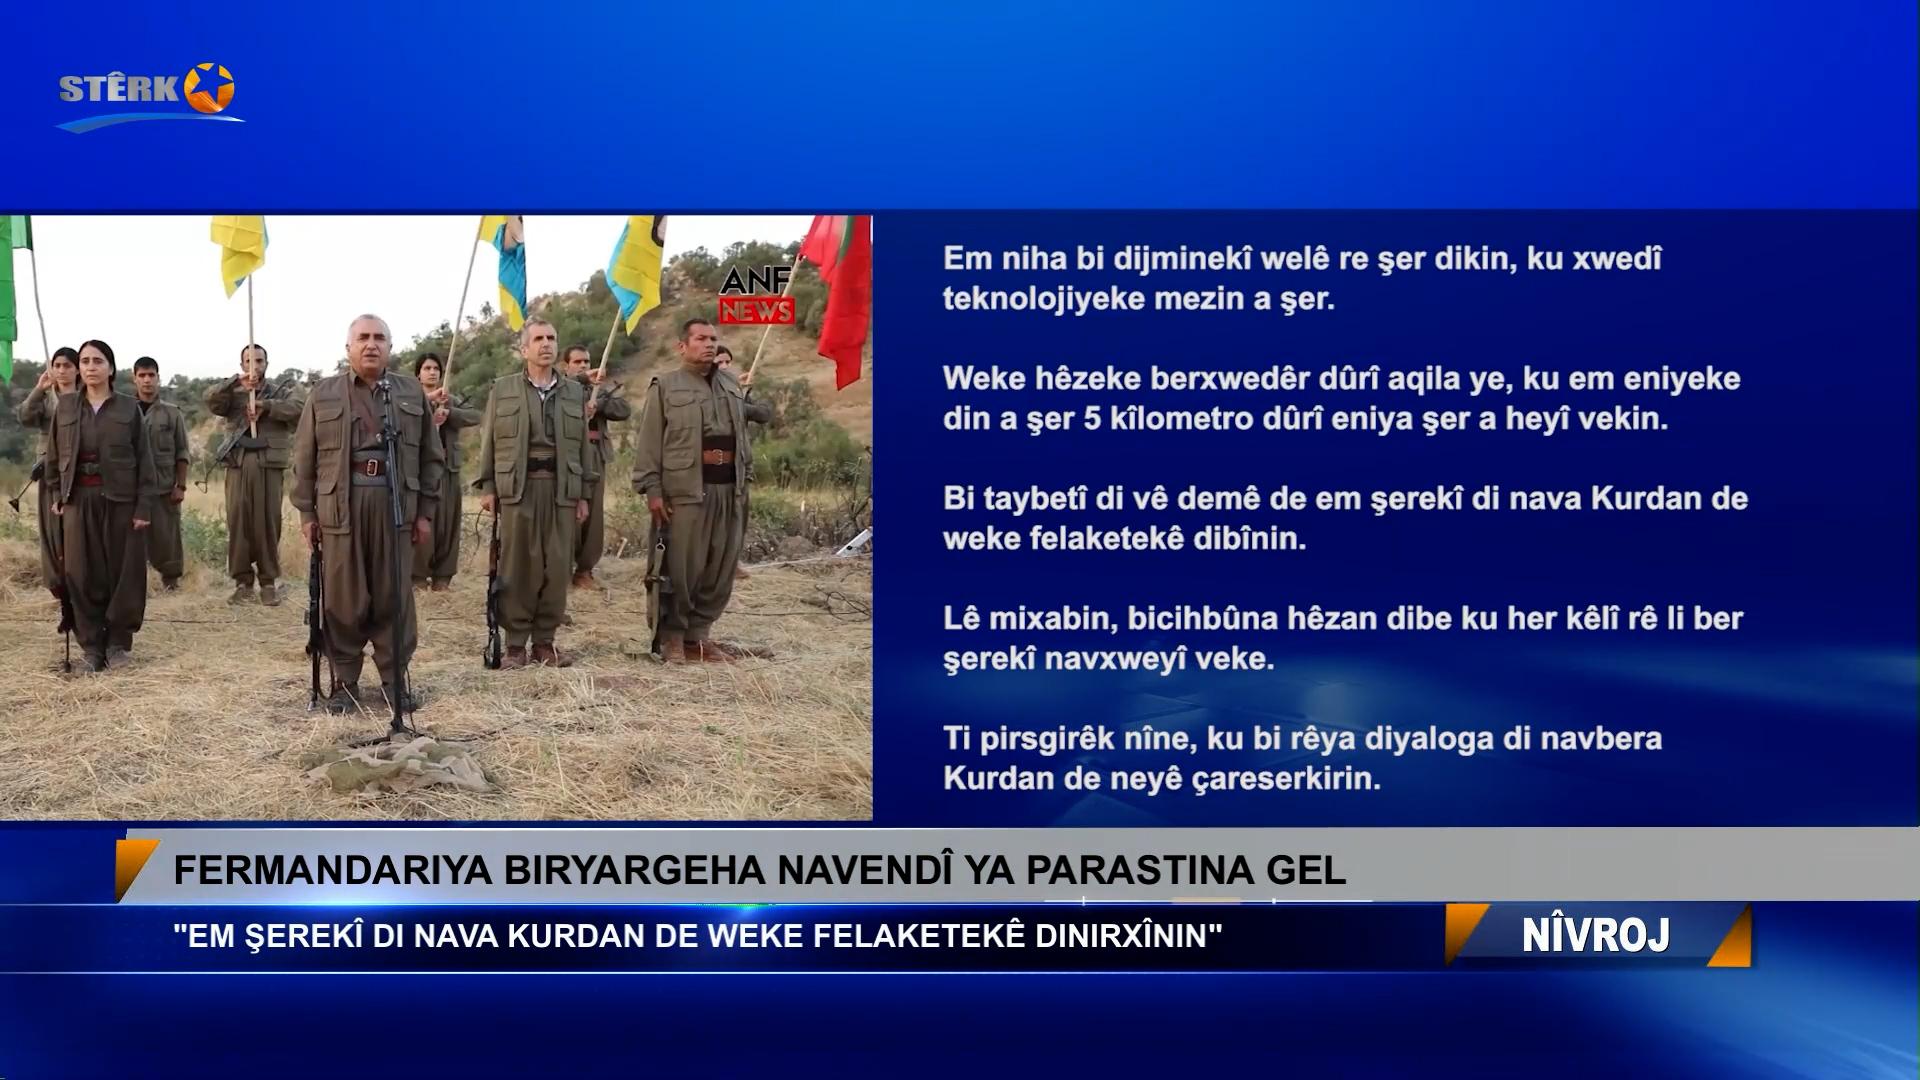 Fermandariya Biryargeha Navendî ya Parastina Gel ji bo Înîsiyatîfa Parastina Kurdistanê peyam şand